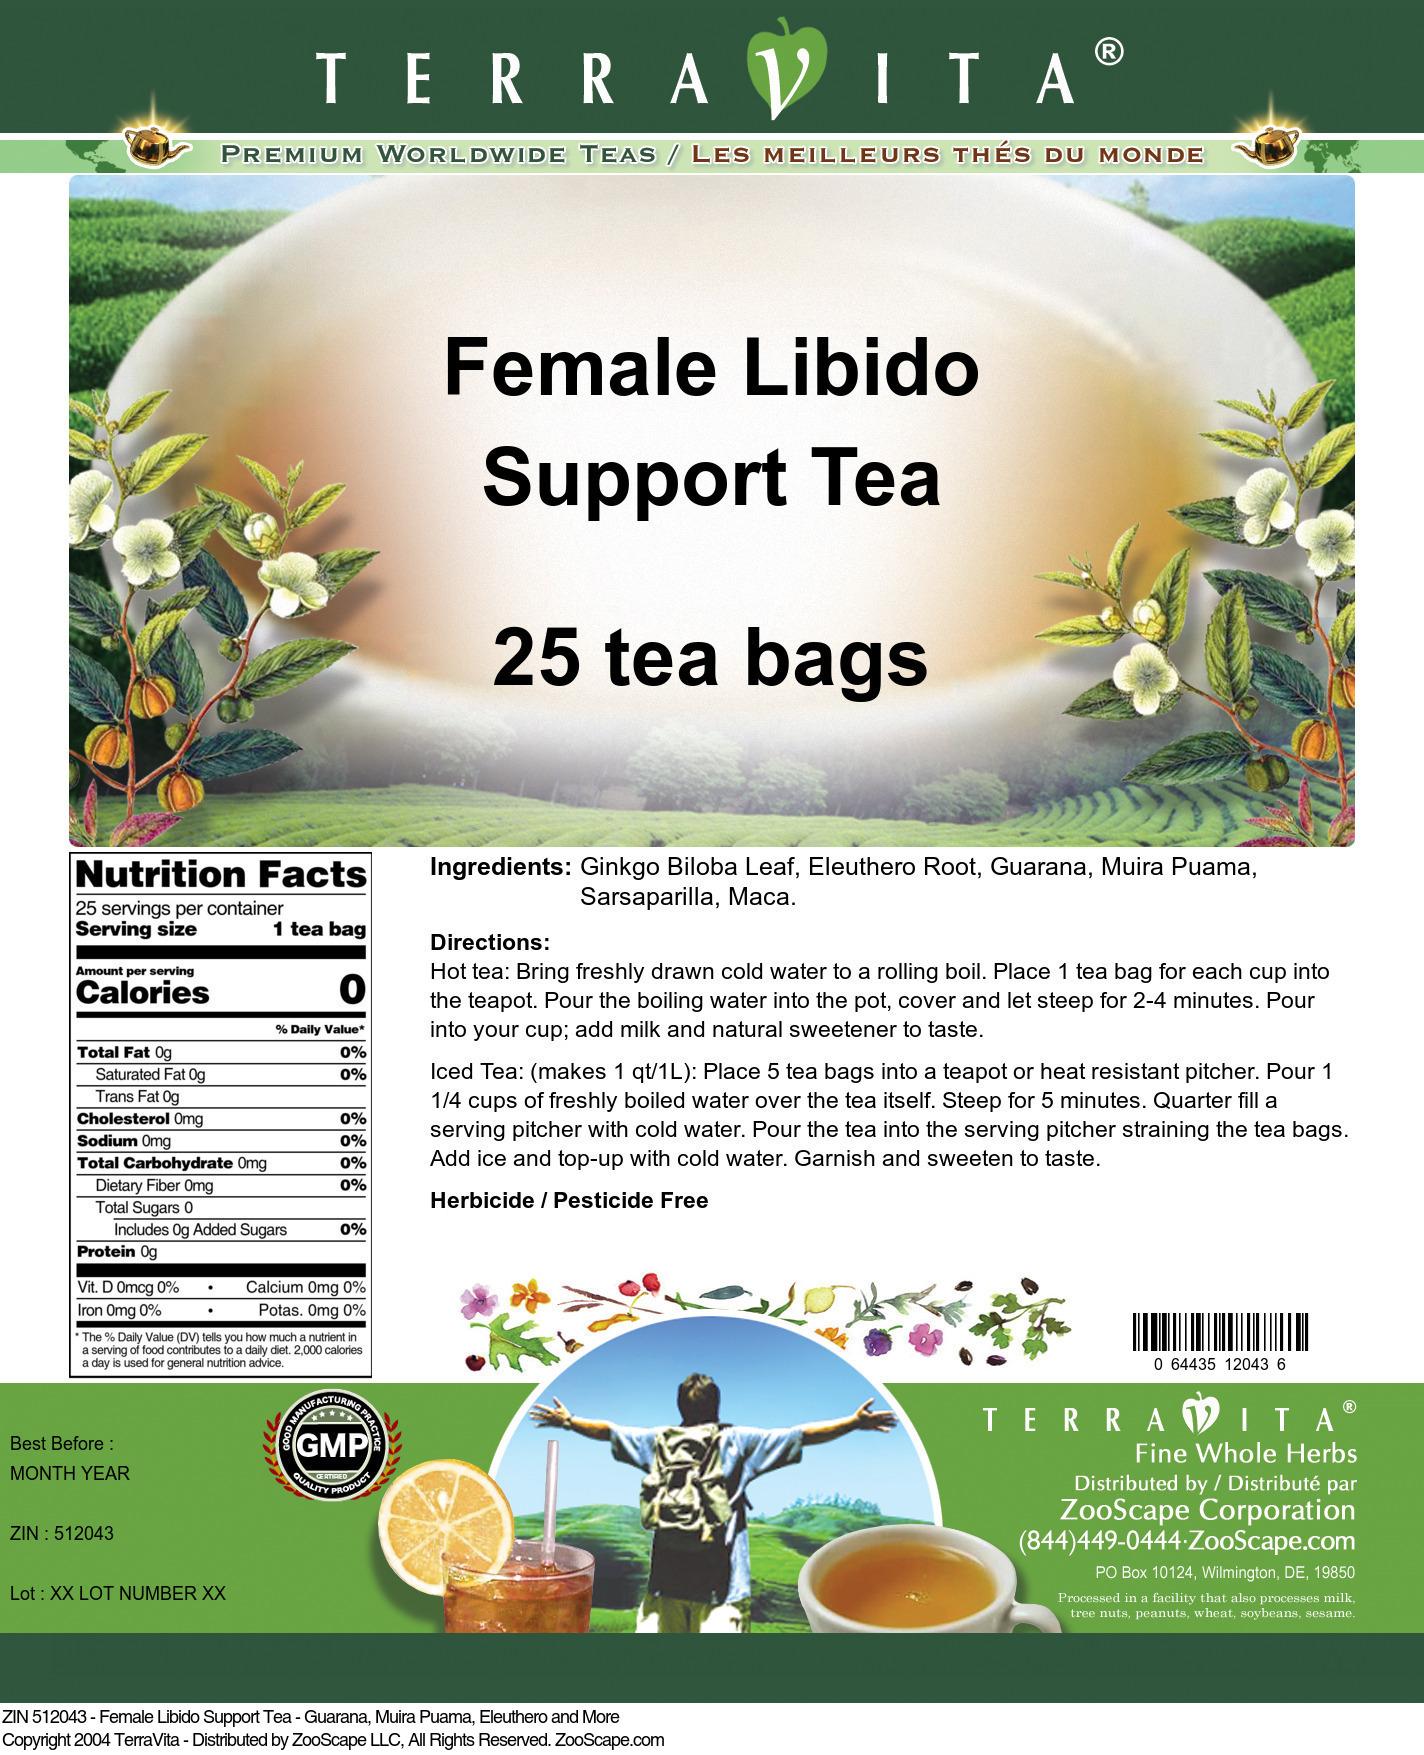 Female Libido Support